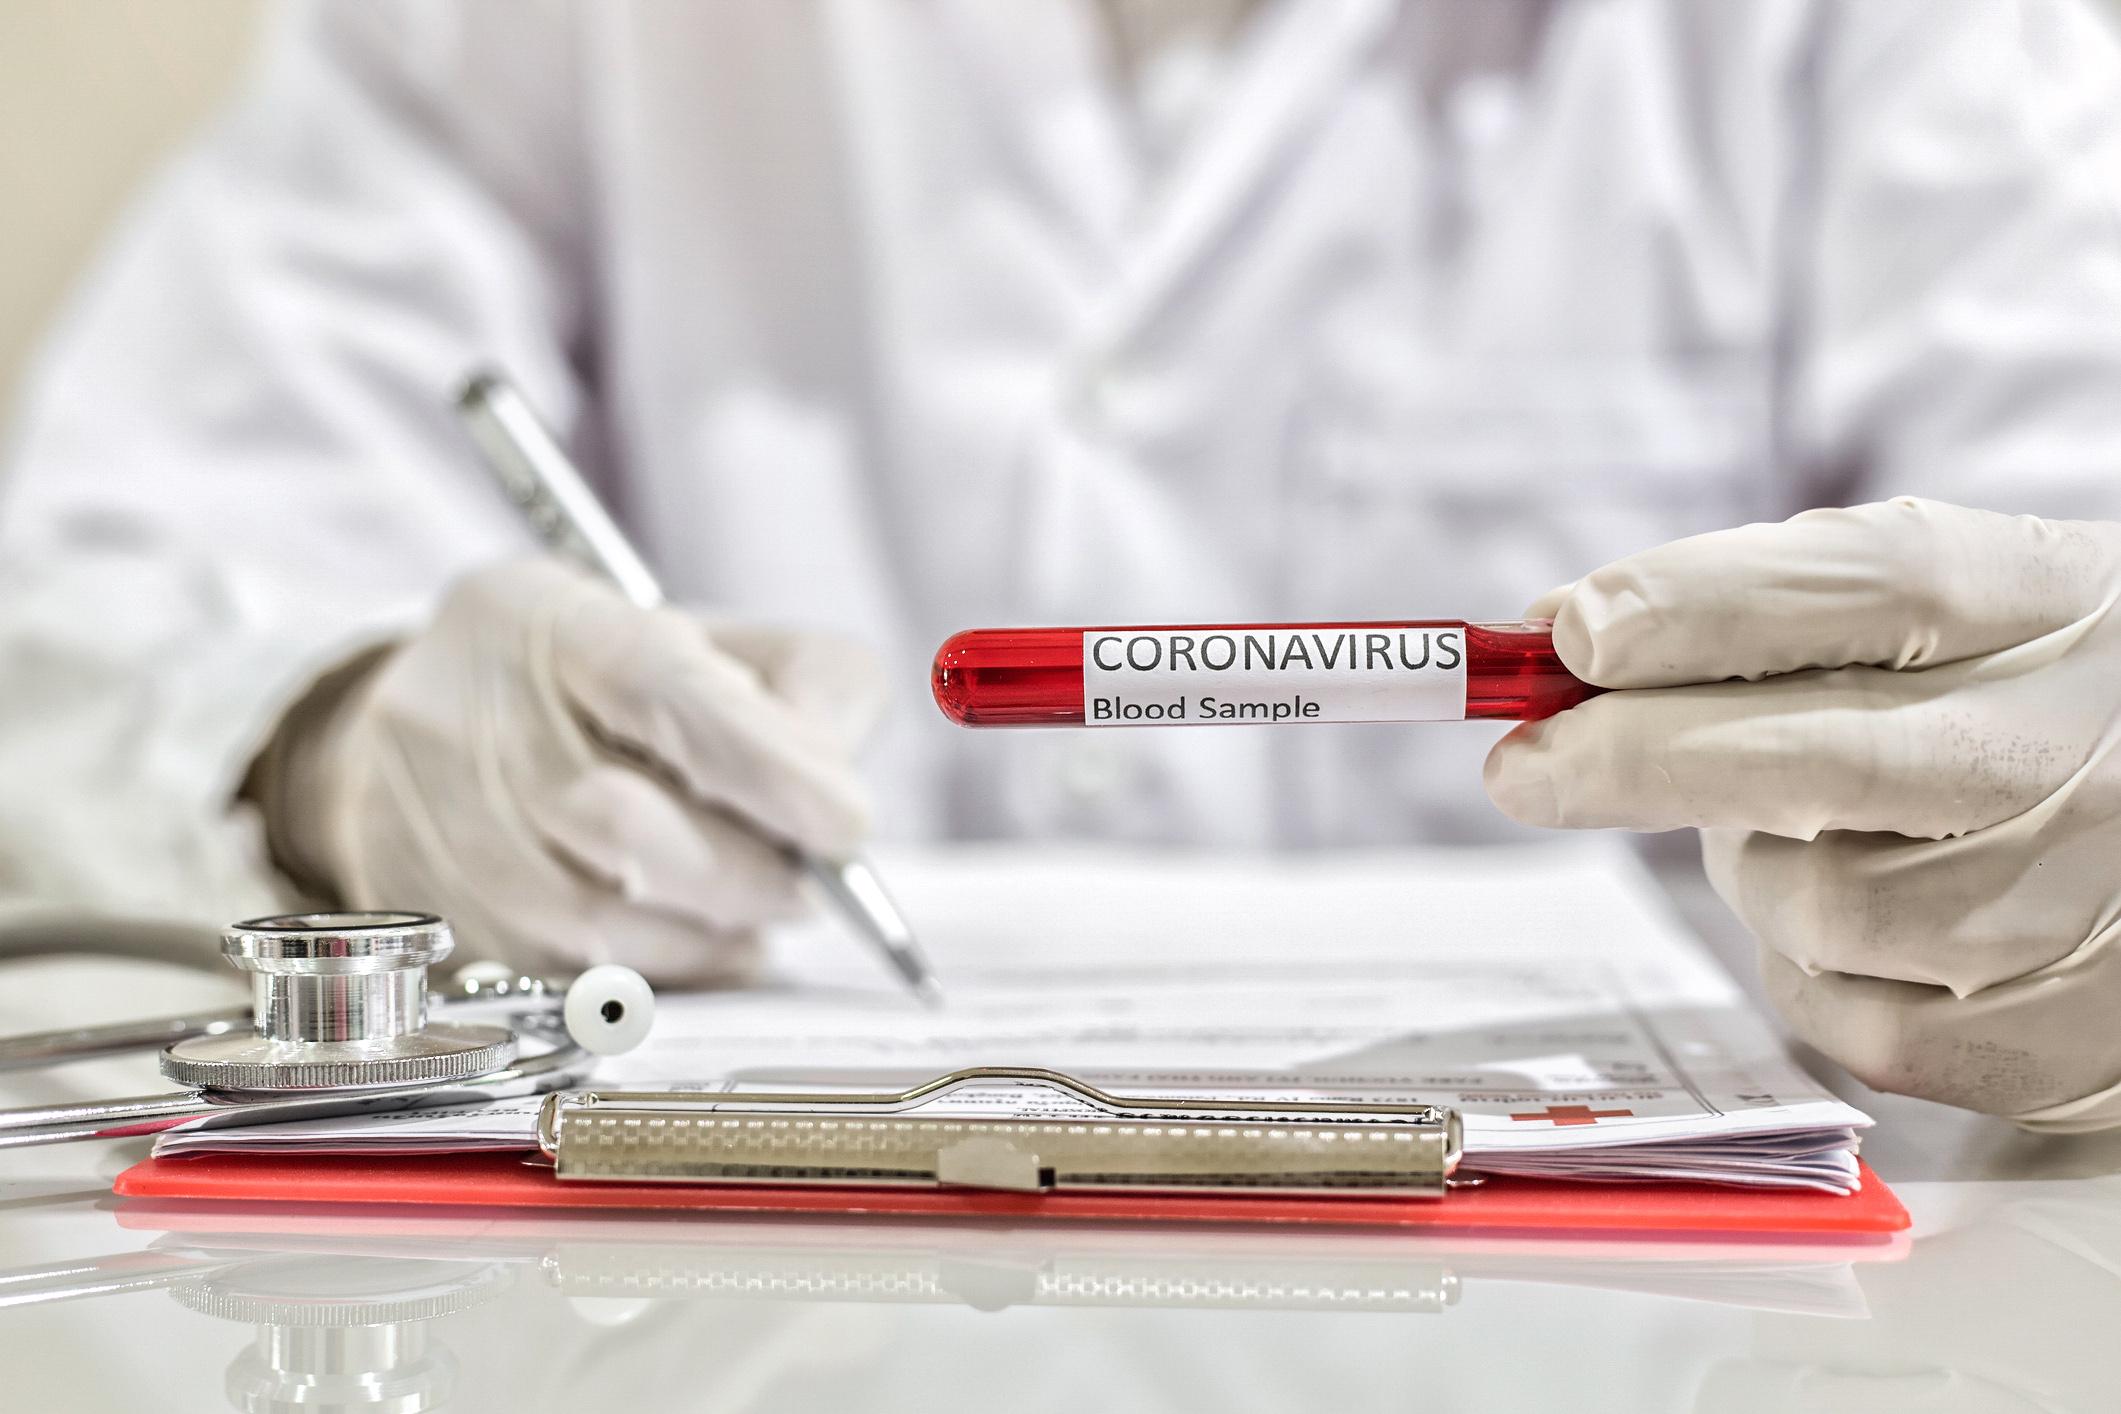 Profissional de saúde preenche ficha e segura tubo de ensaio com exame para detectar Covid-19